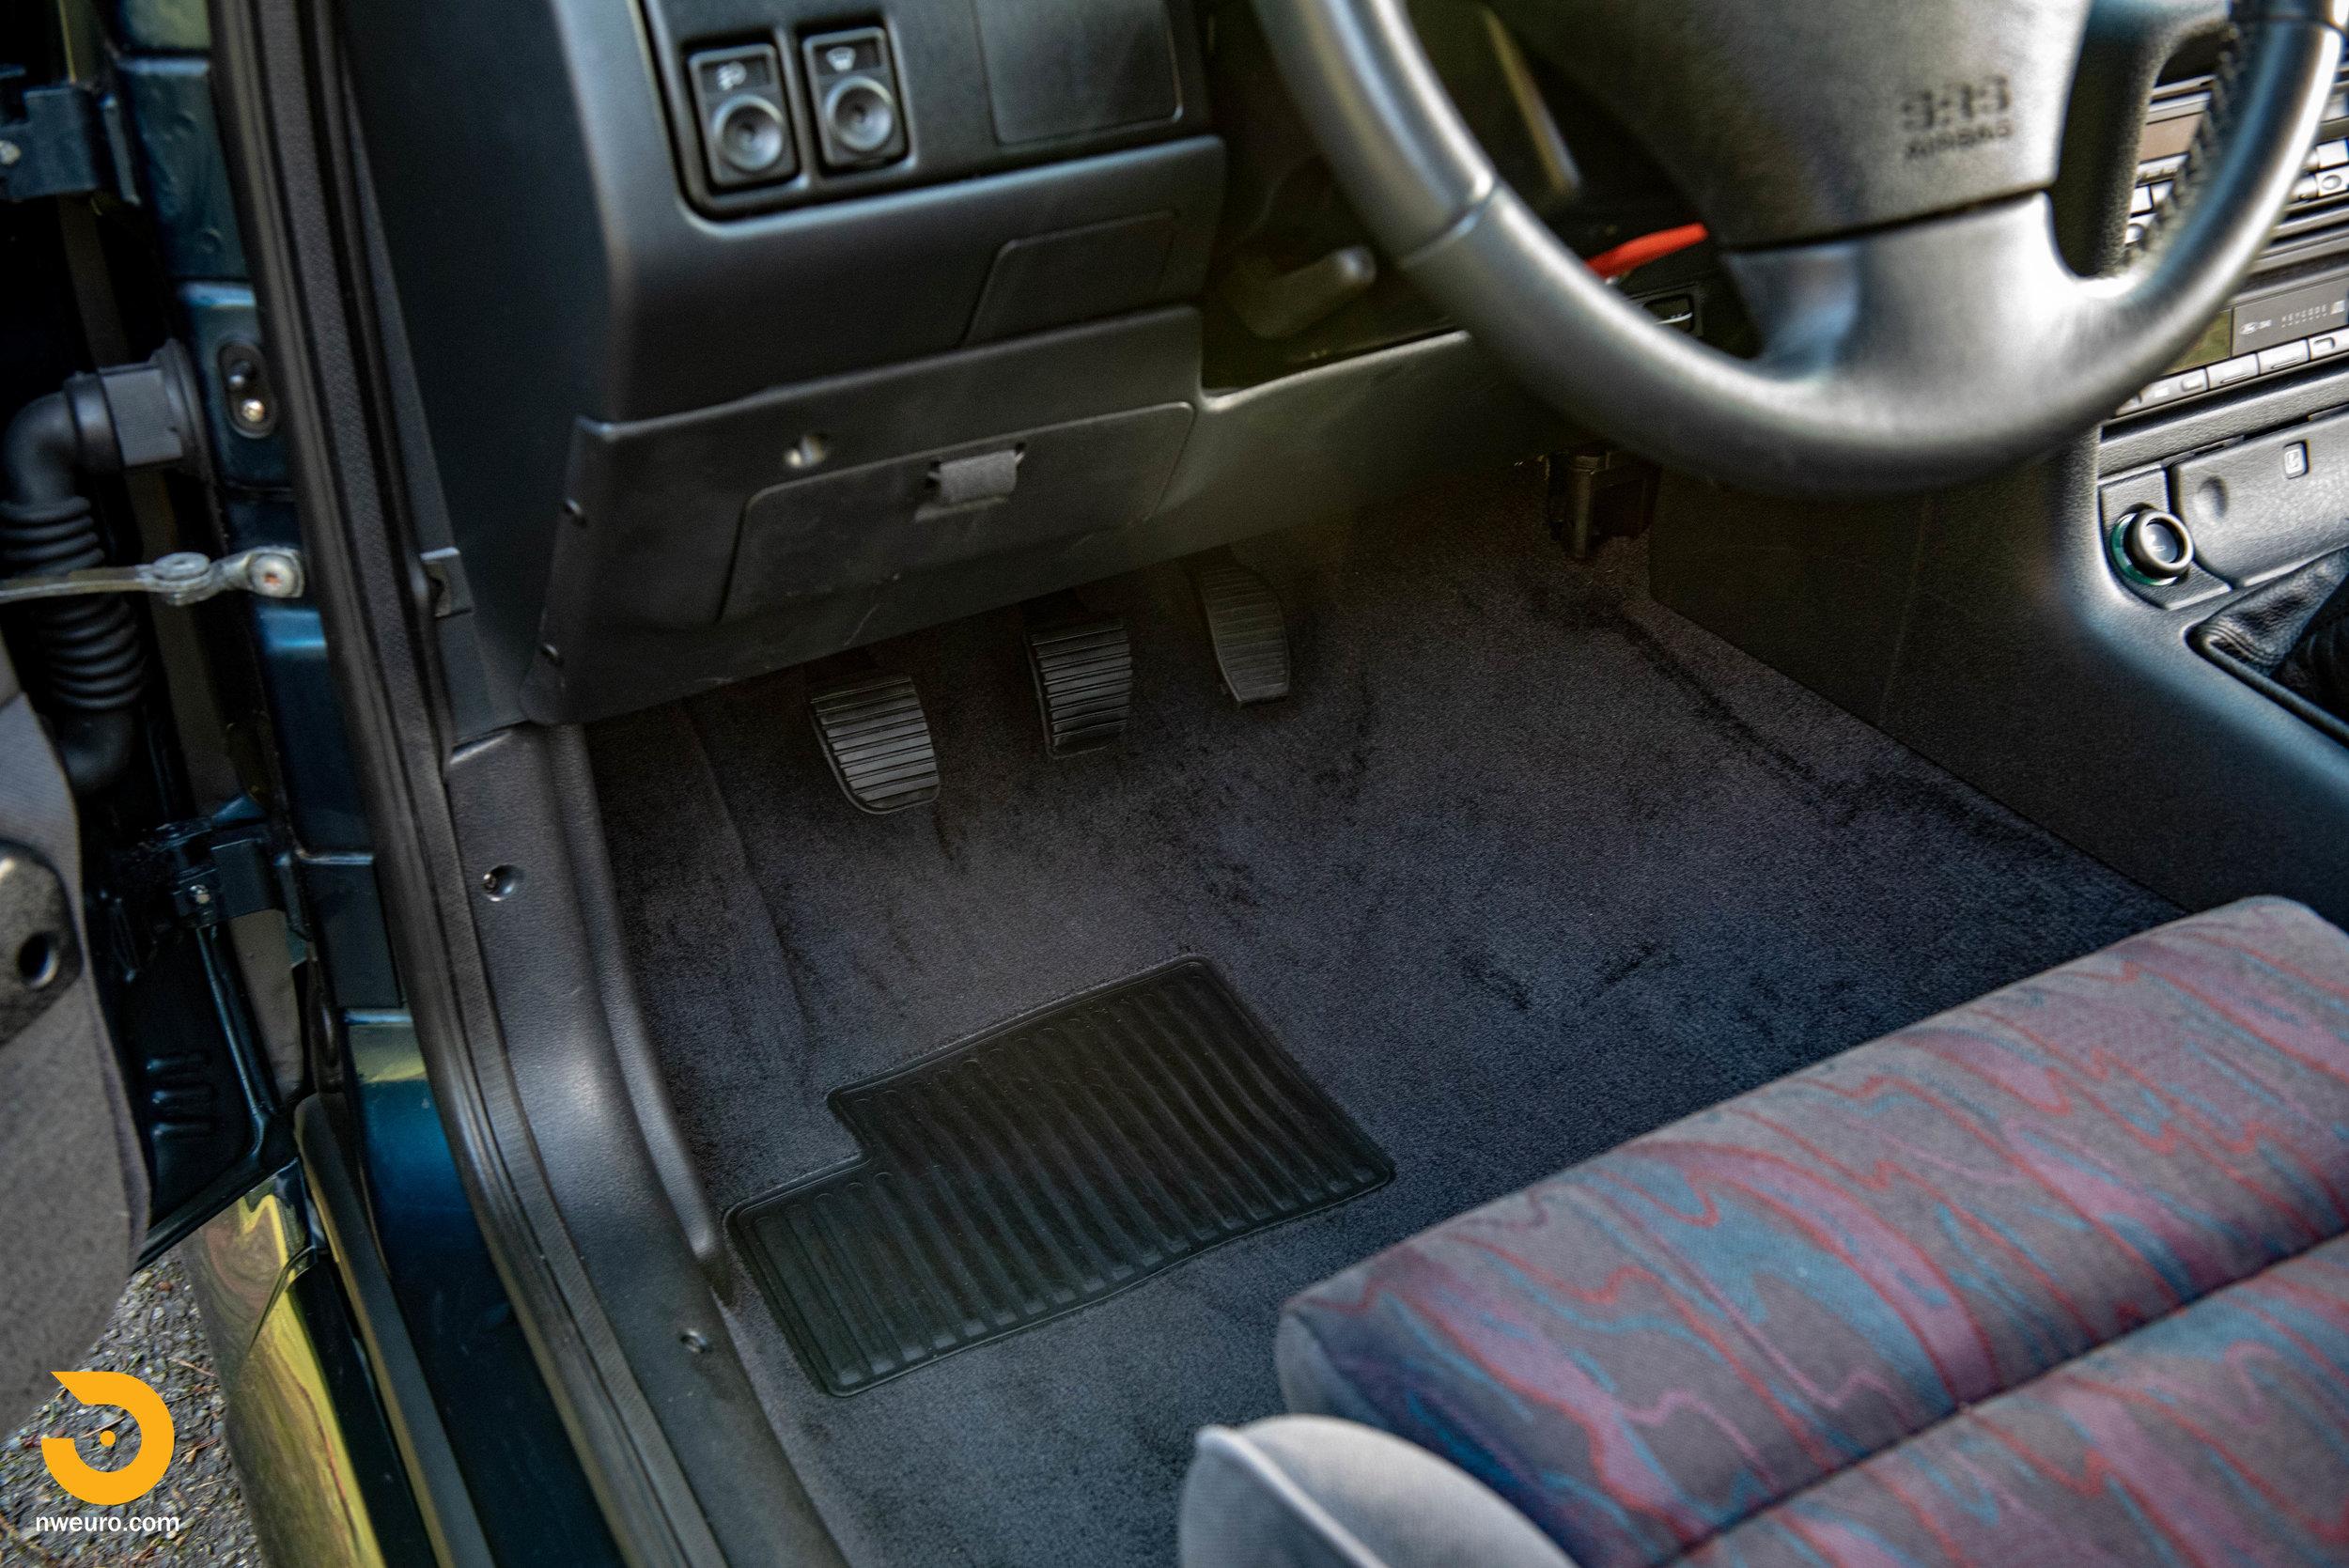 1995 Ford Escort Cosworth - Petrol Blue-9.jpg